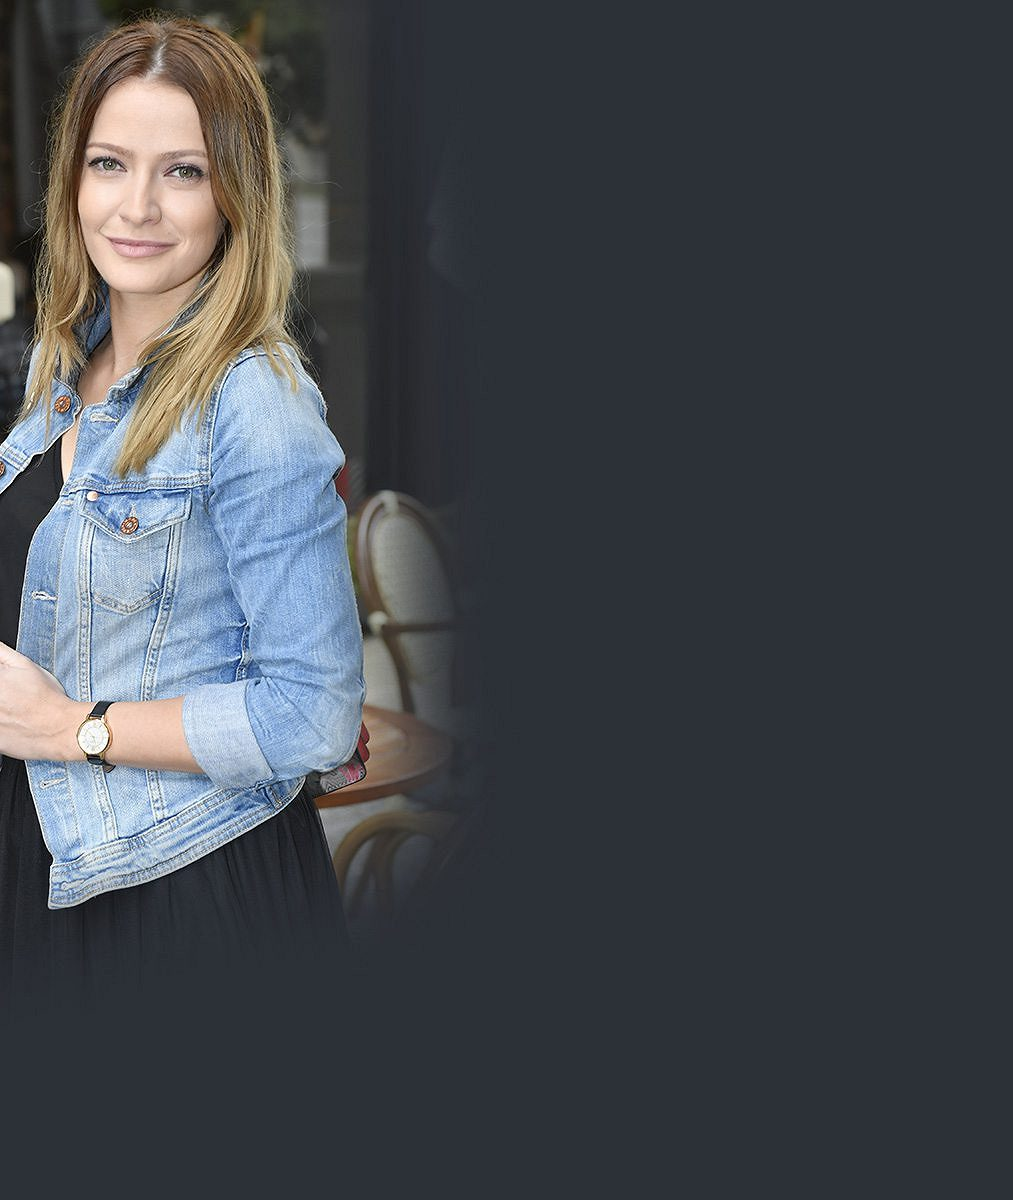 Šárka Vaňková ze SuperStar sundala horní díl plavek: Prosbu Juliana Záhorovského ale nevyslyšela